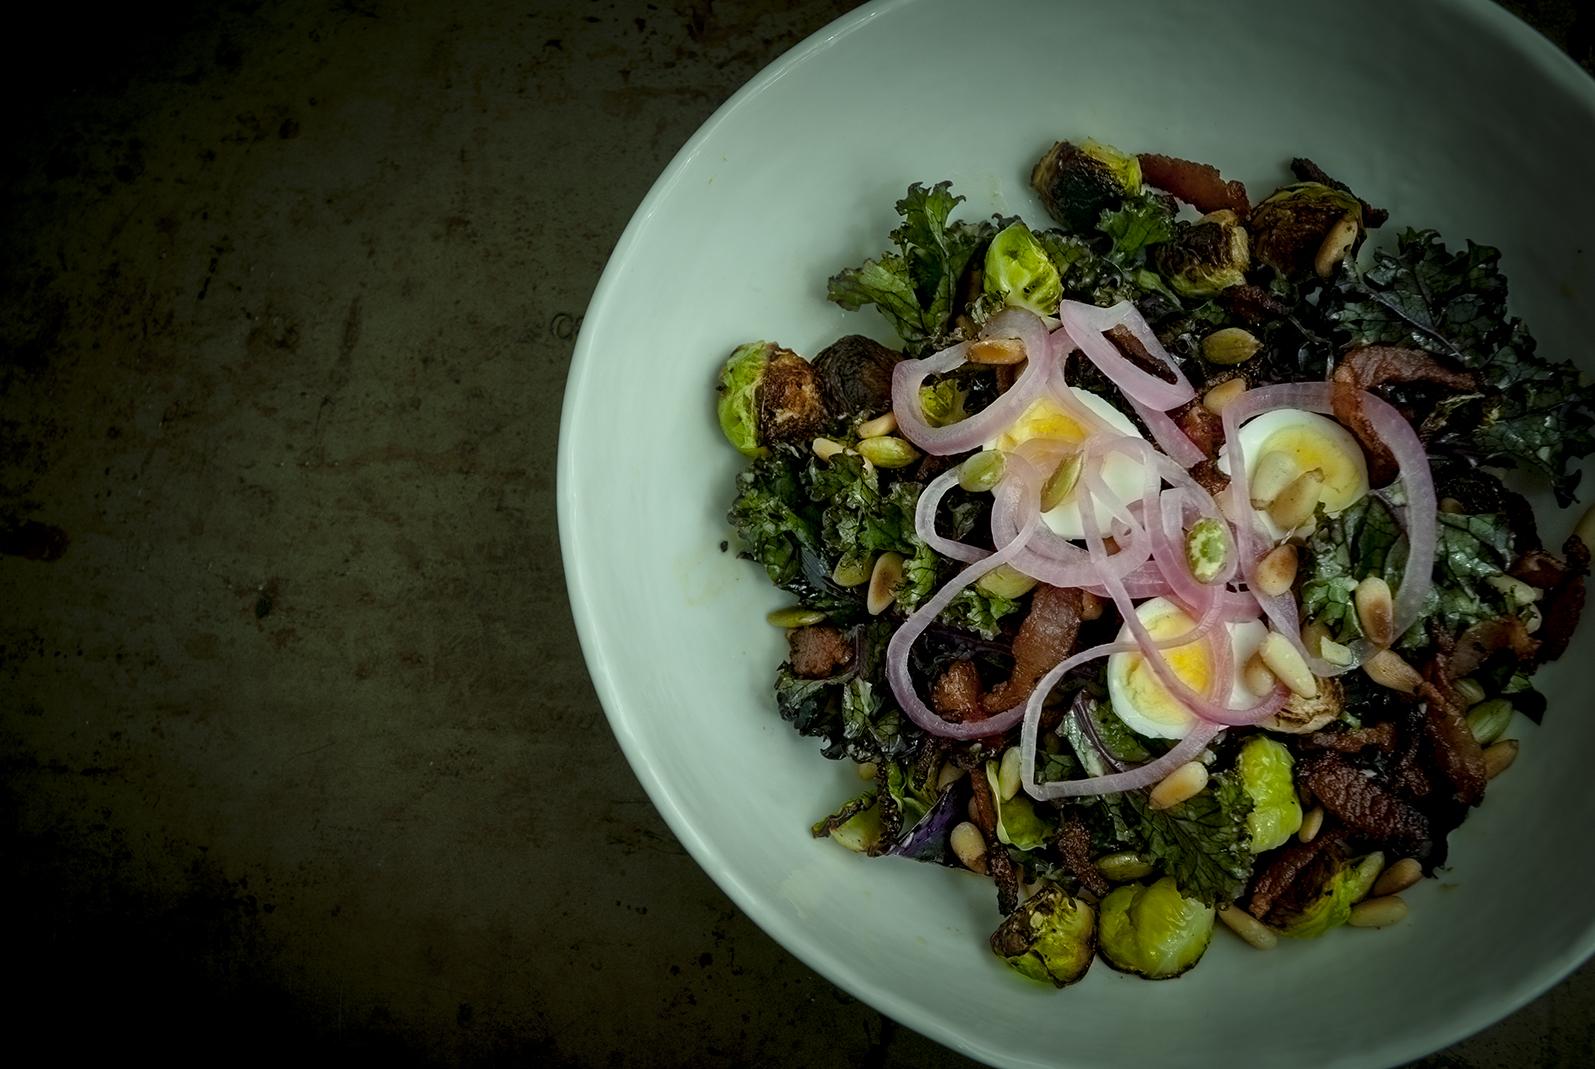 bacon & eggs, kale salad